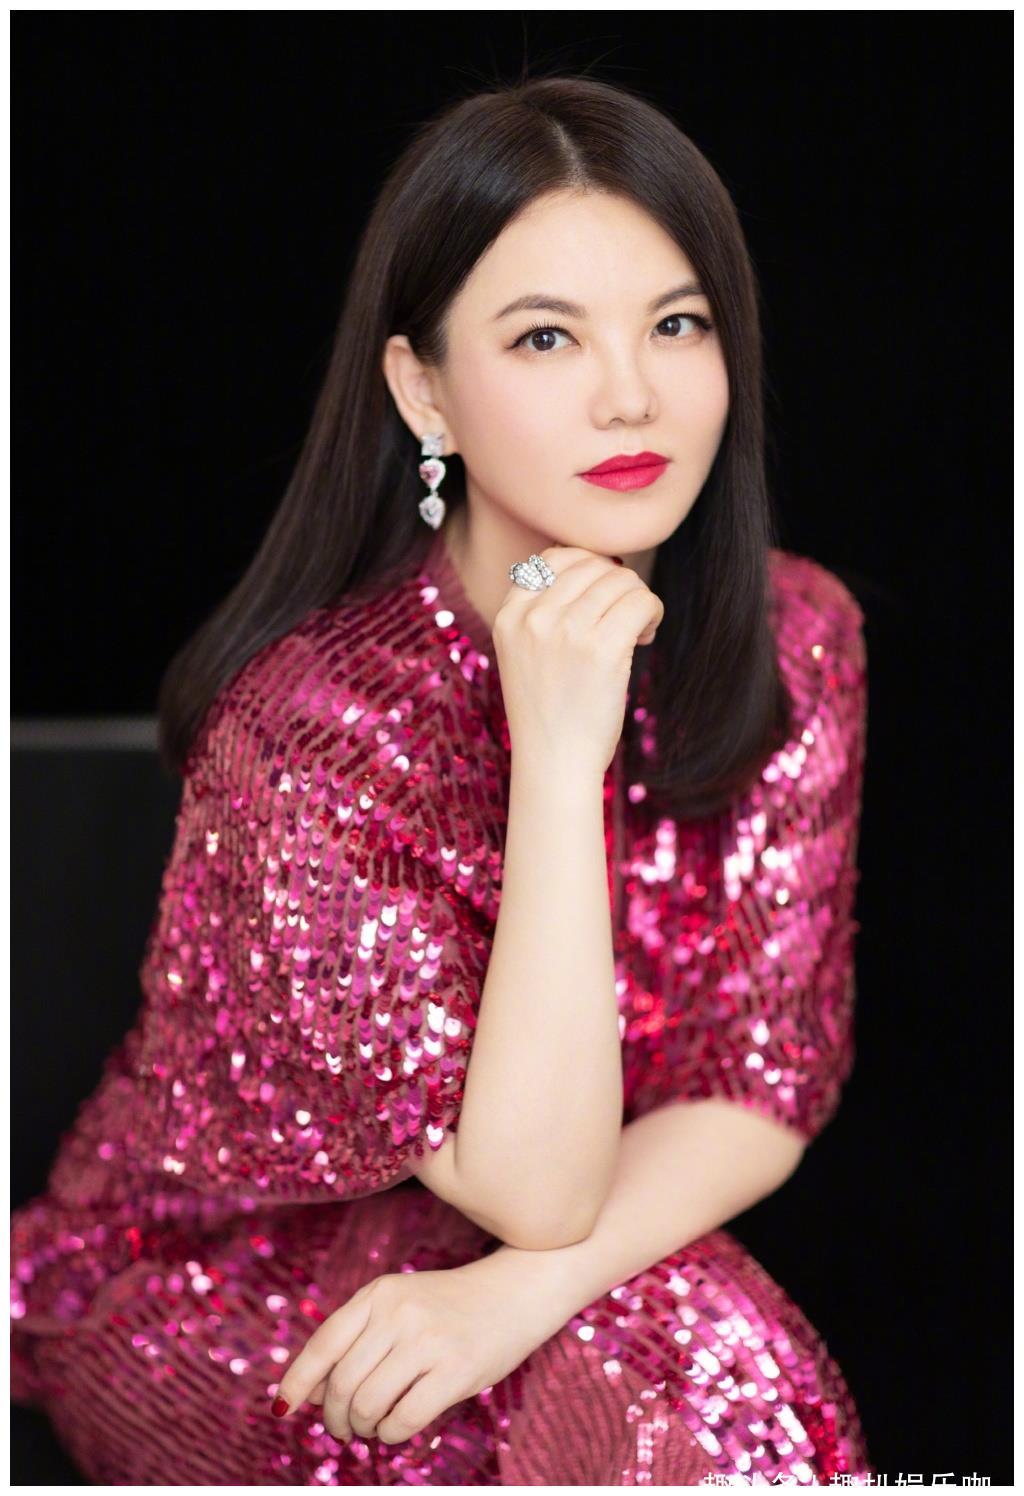 李湘晒女儿近照,小小年纪就志向远大,牛津大学是她的梦想